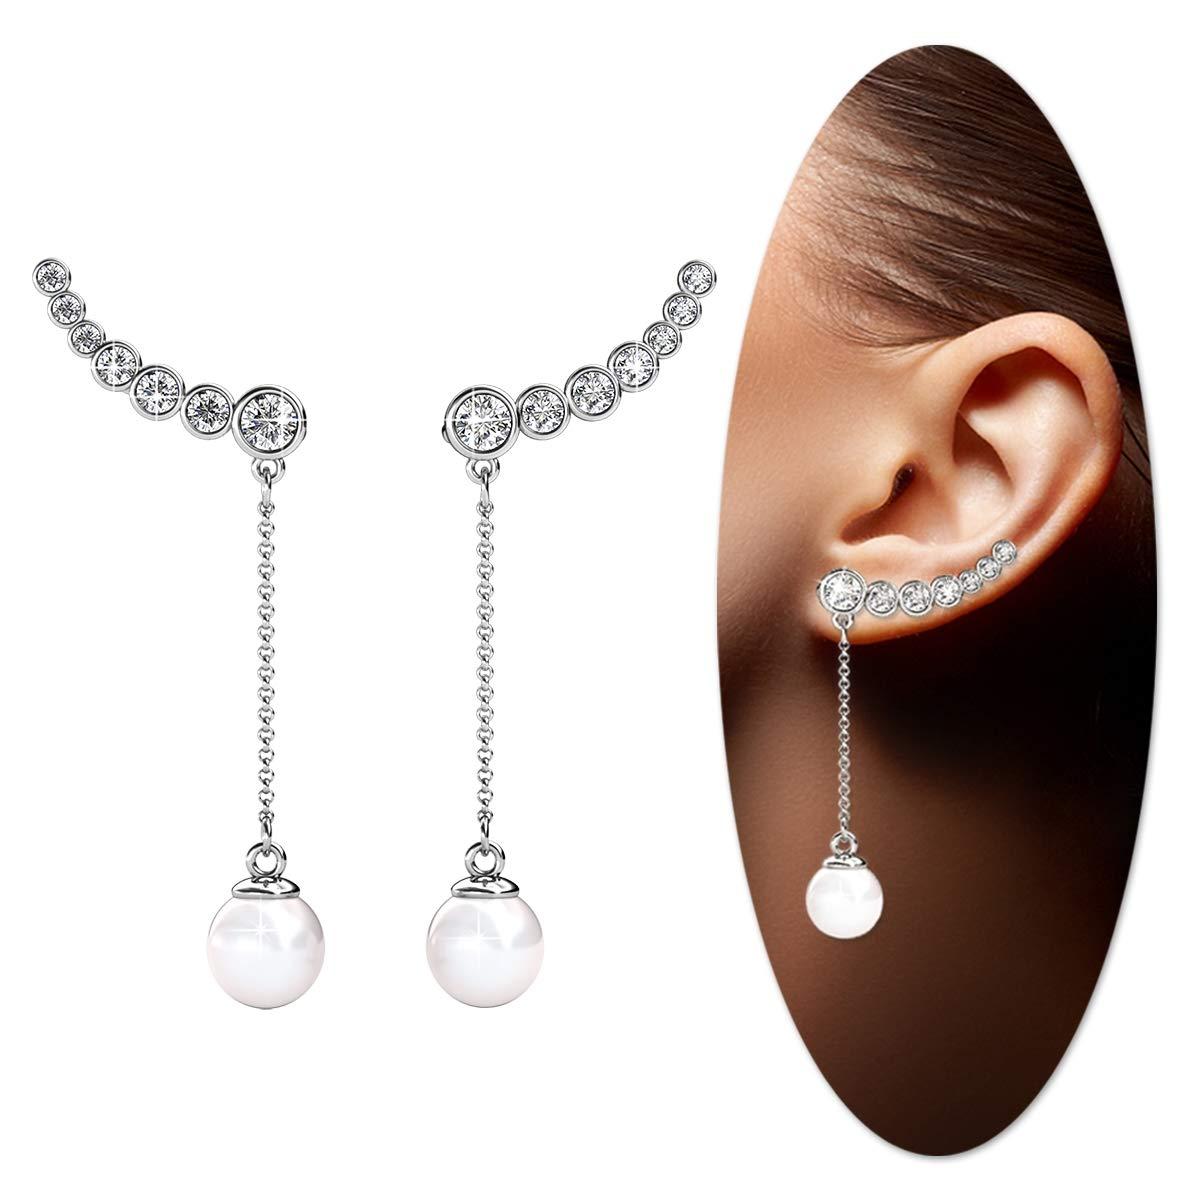 Alaxy Earrings